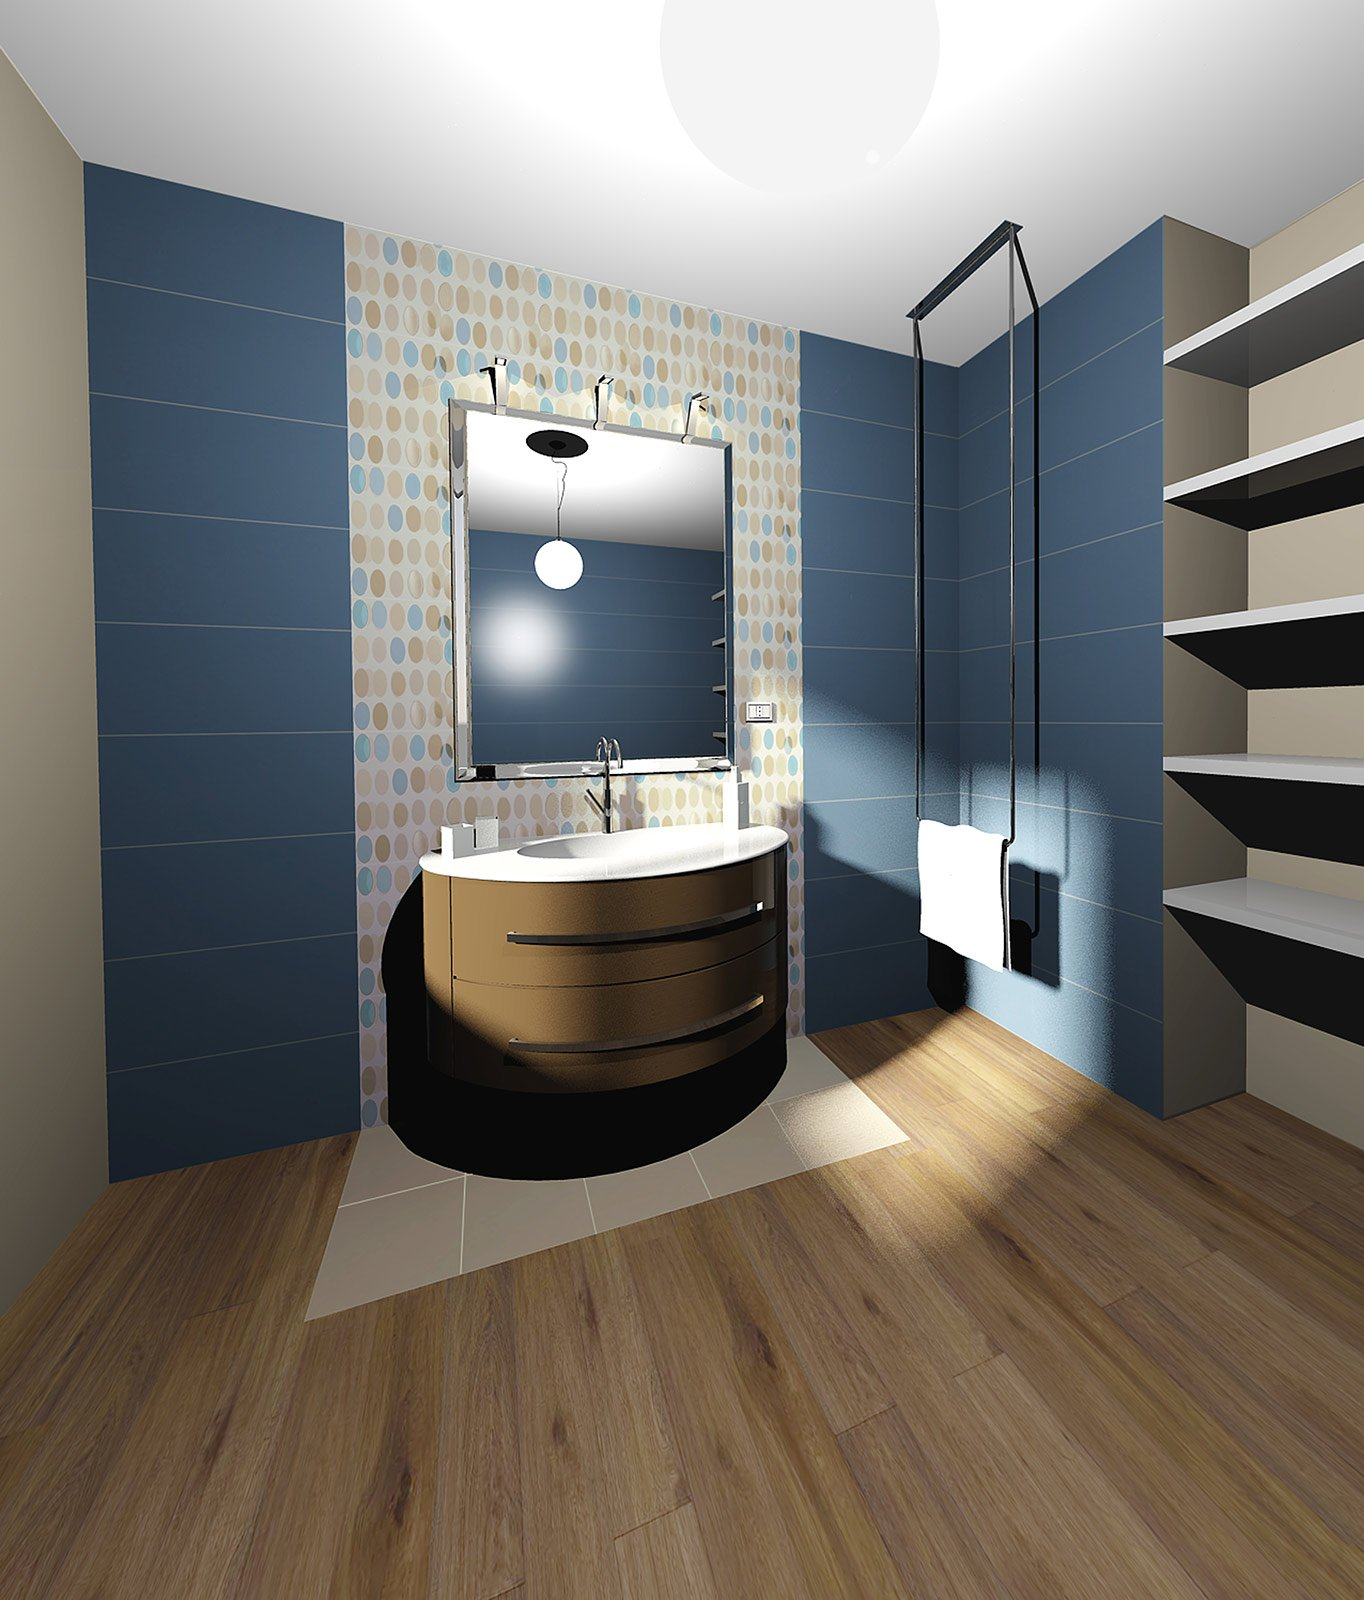 Scegliere i rivestimenti per pareti e pavimenti cose di casa - Parquet nel bagno ...